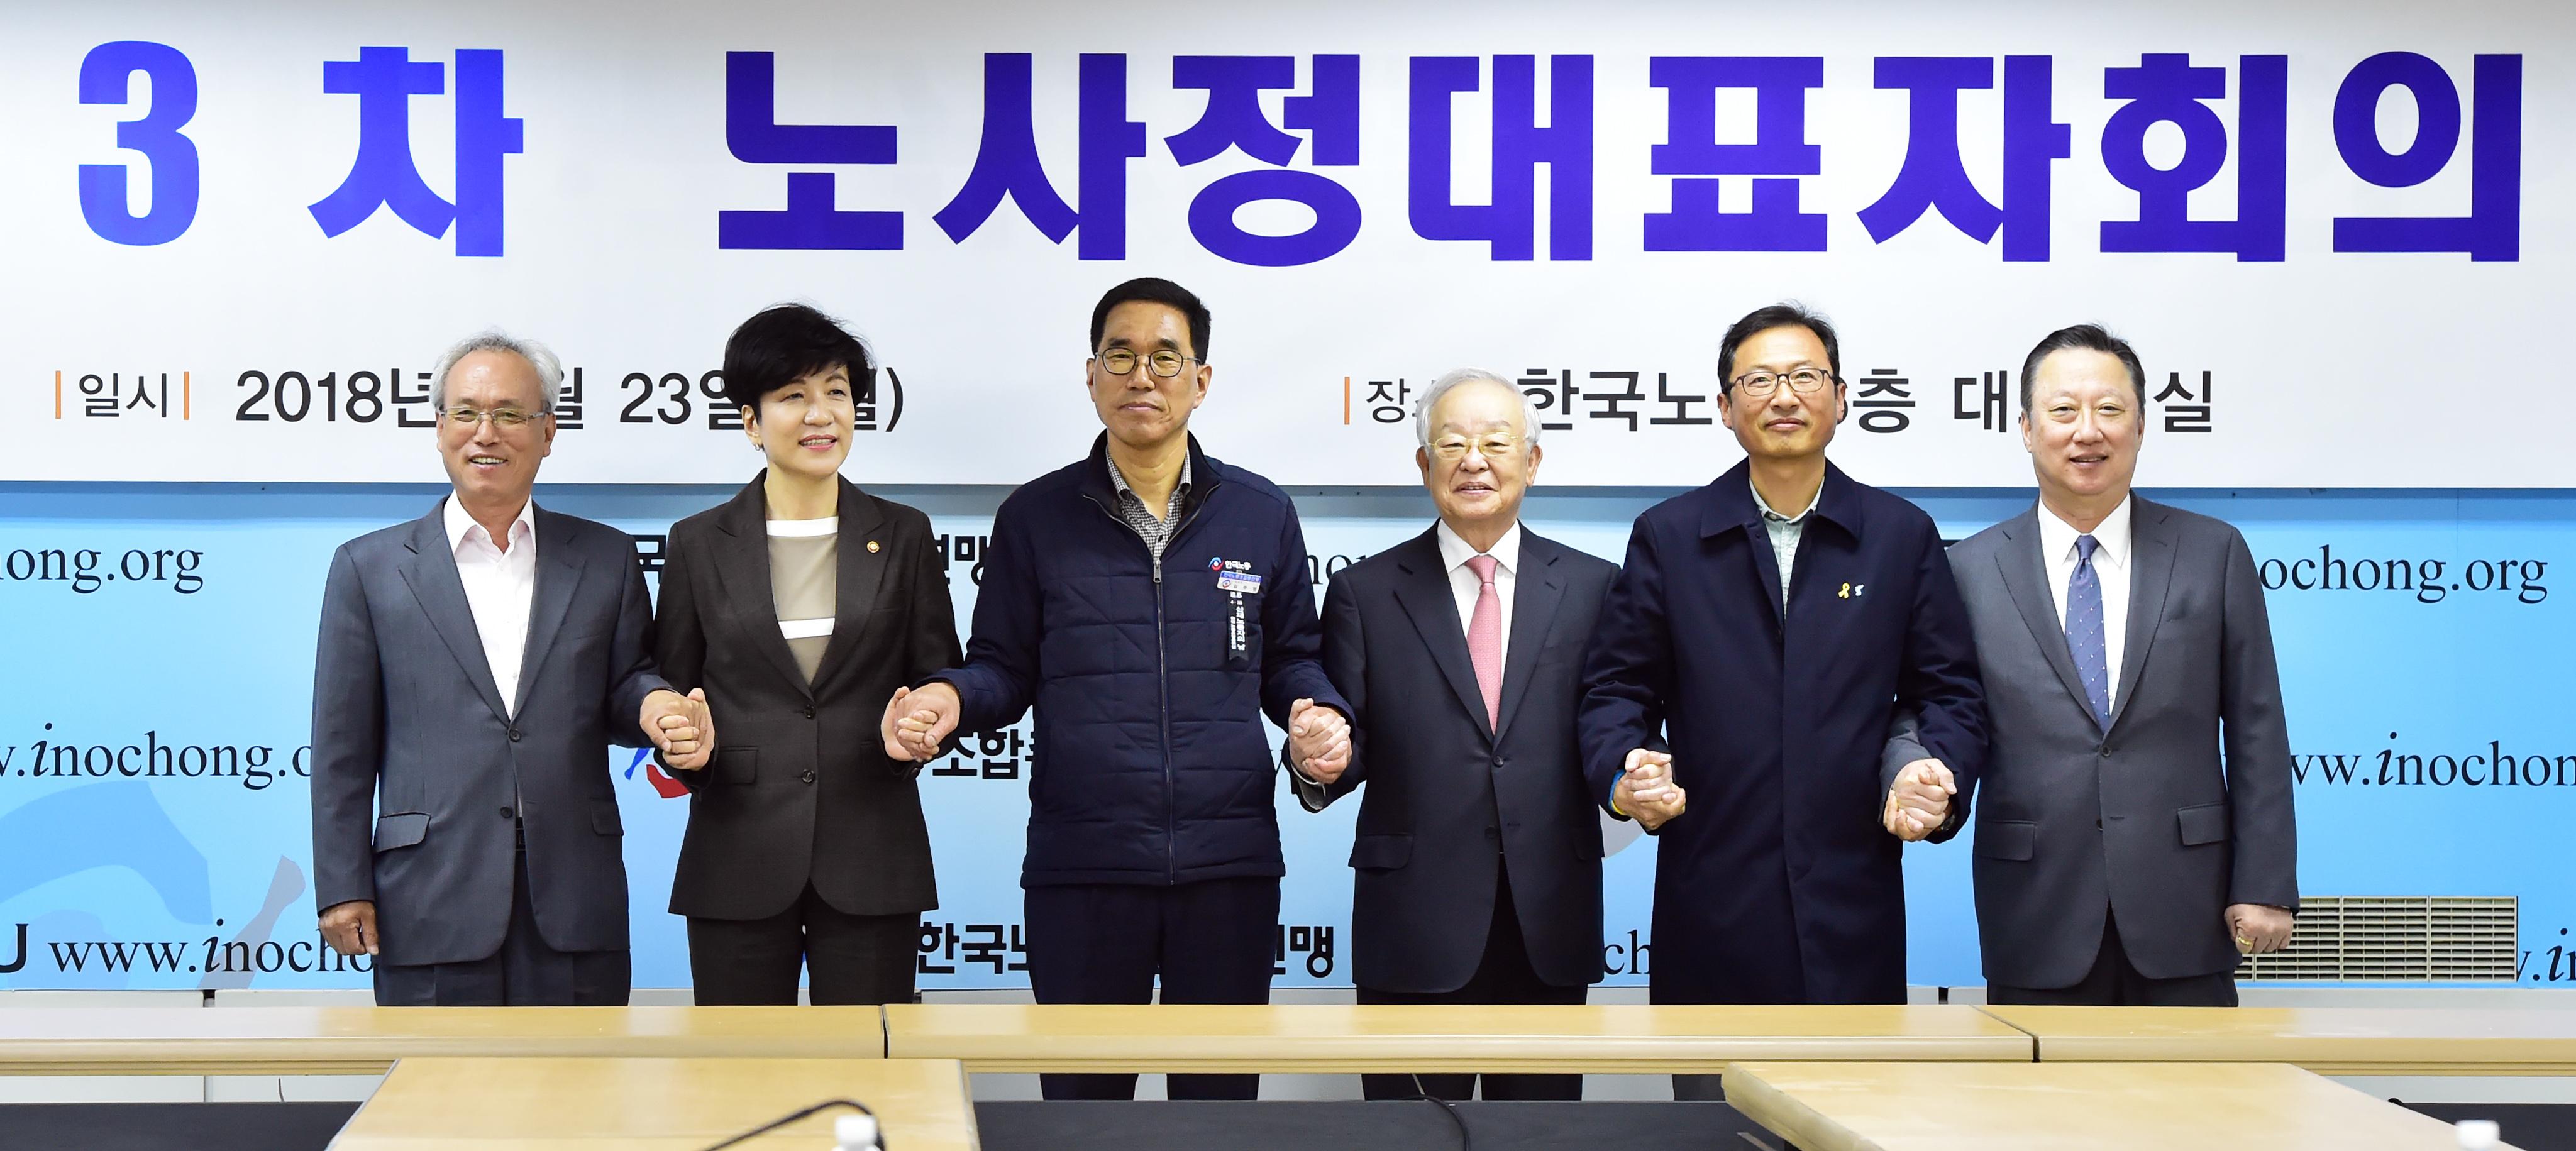 손잡은 노사정, 제3차 대표자회의 개최